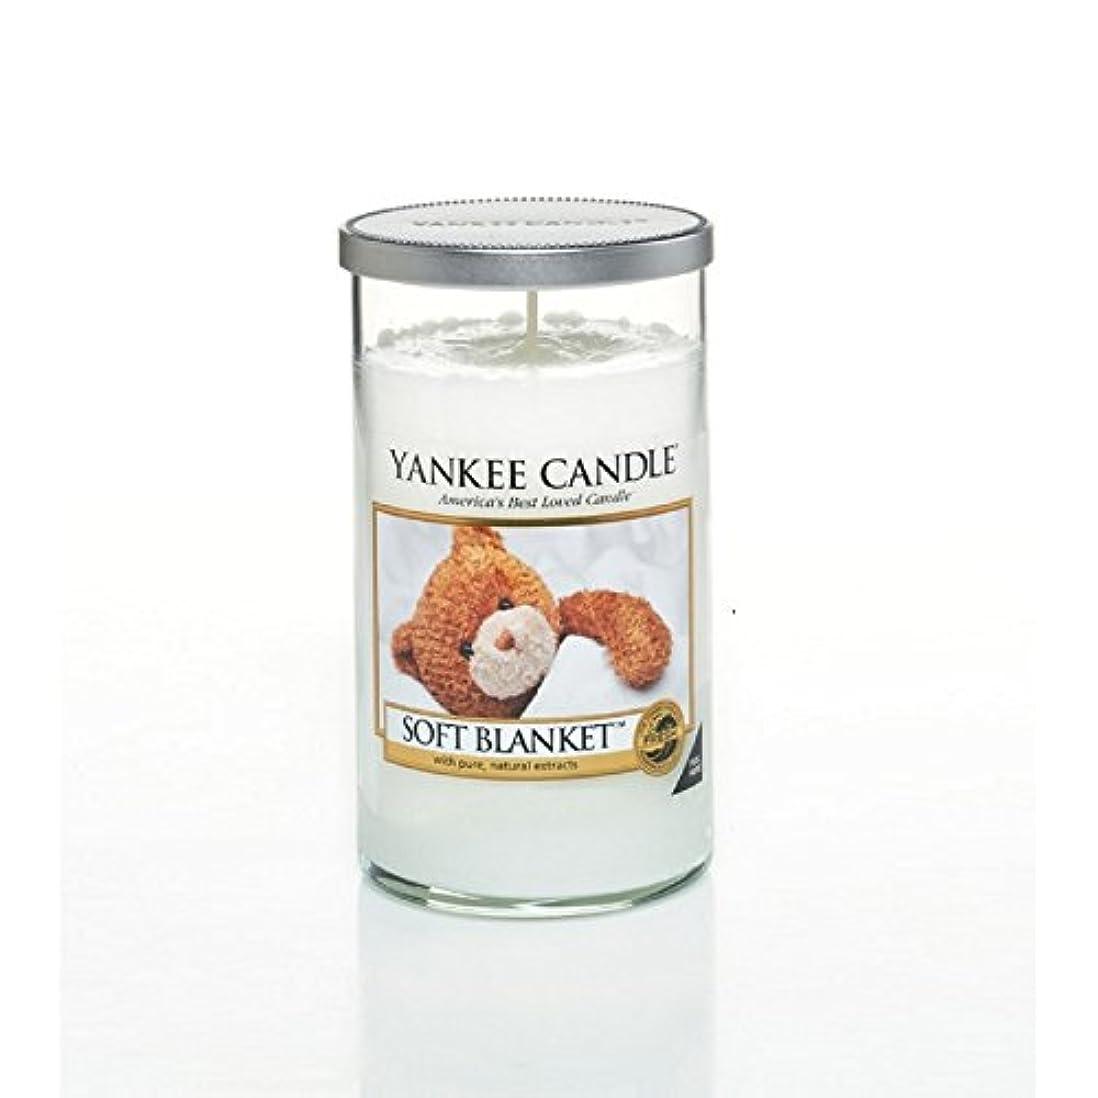 フォルダ異なる伝統的ヤンキーキャンドルメディアピラーキャンドル - ソフト毛布 - Yankee Candles Medium Pillar Candle - Soft Blanket (Yankee Candles) [並行輸入品]